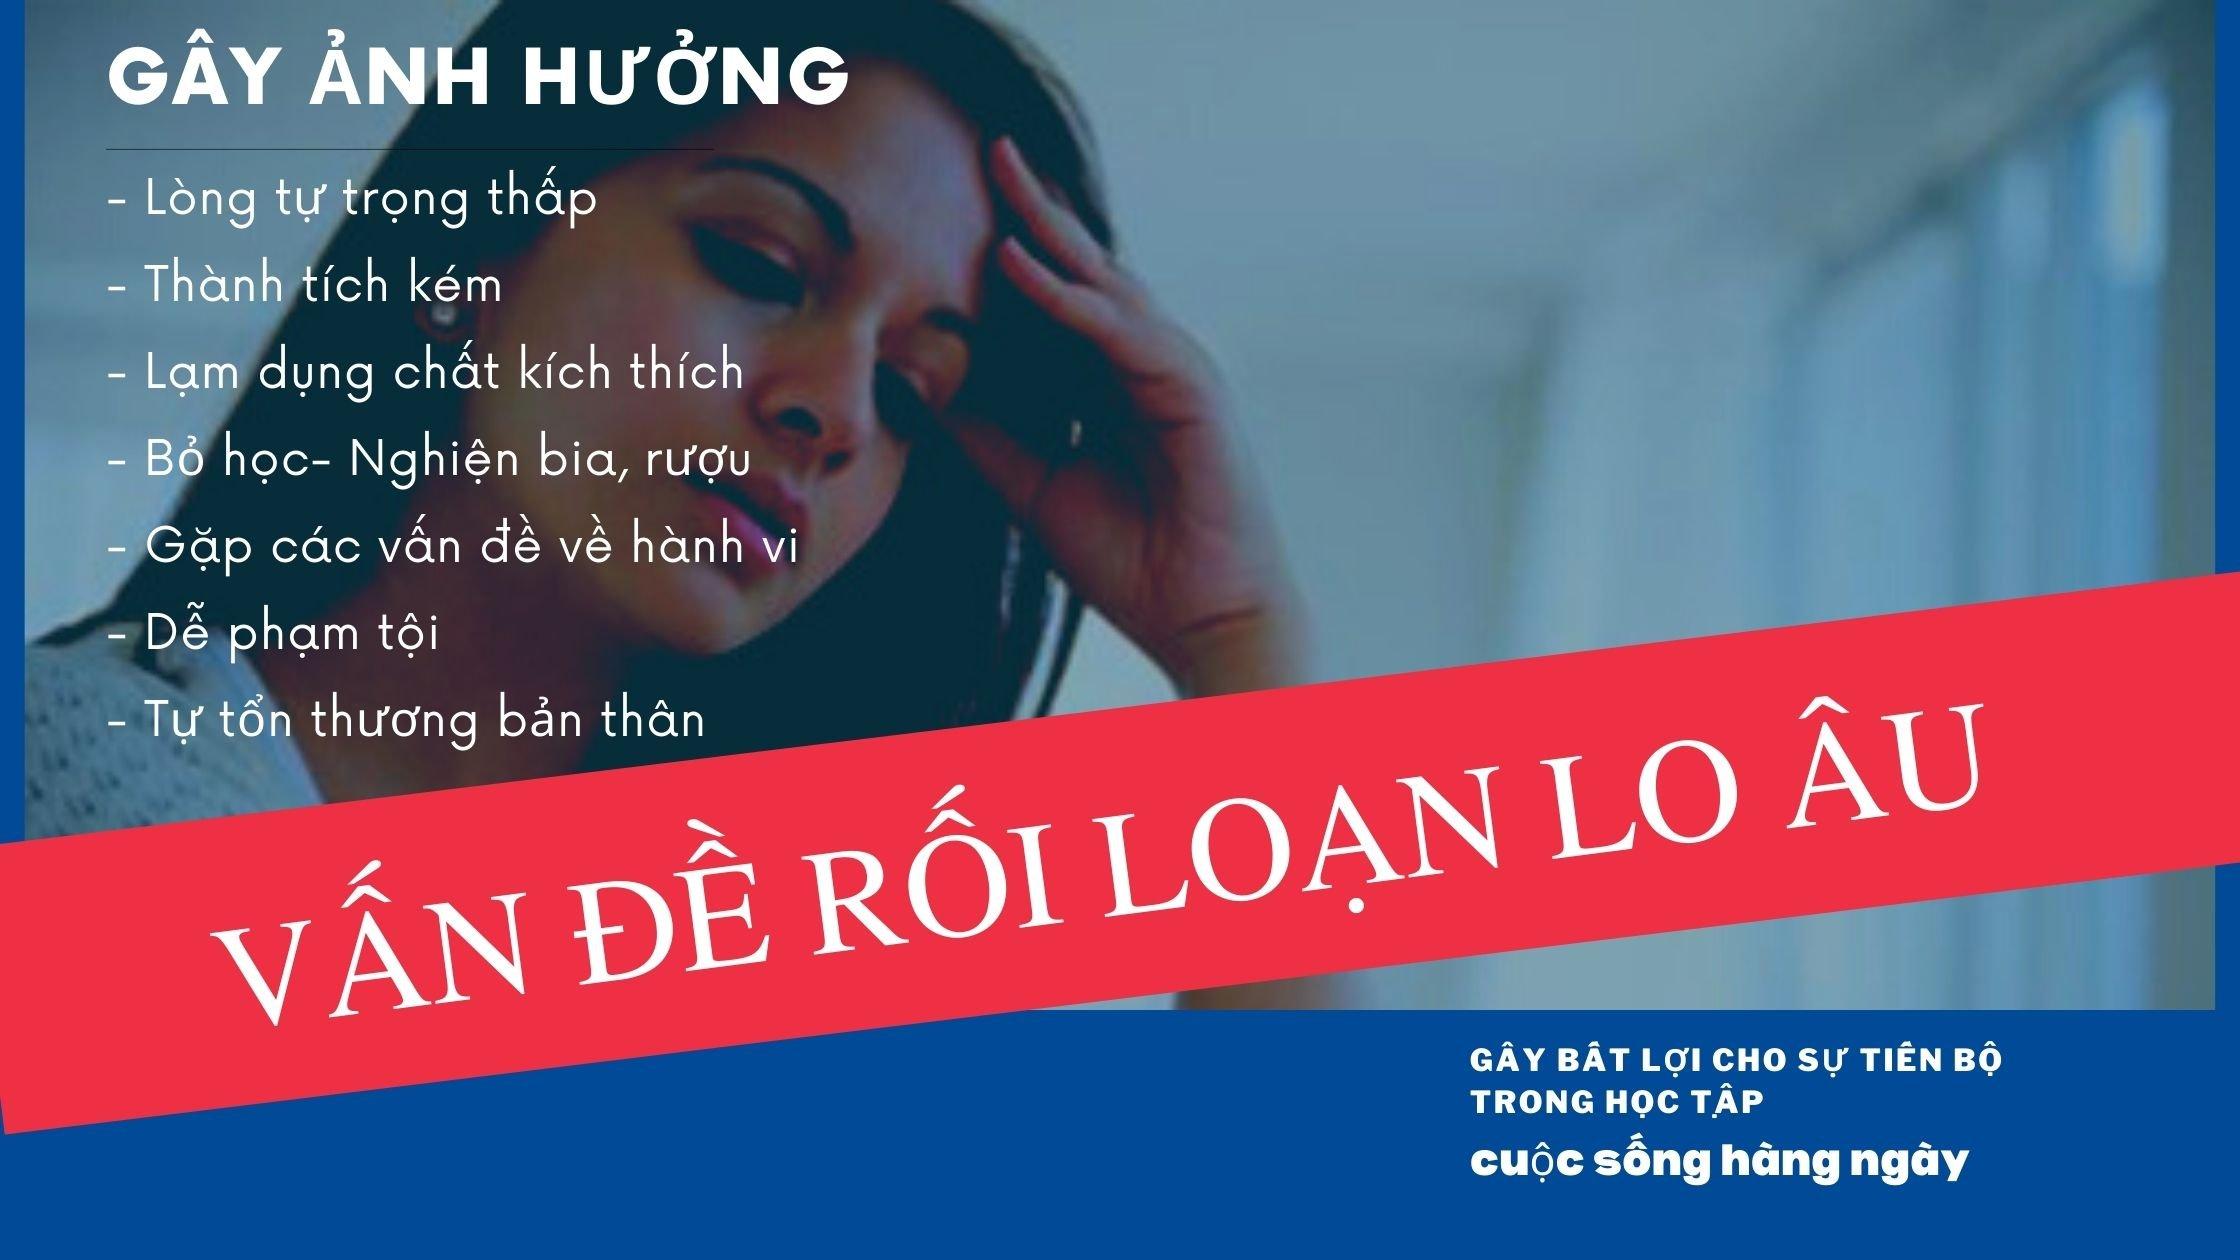 roi_loan_lo_au